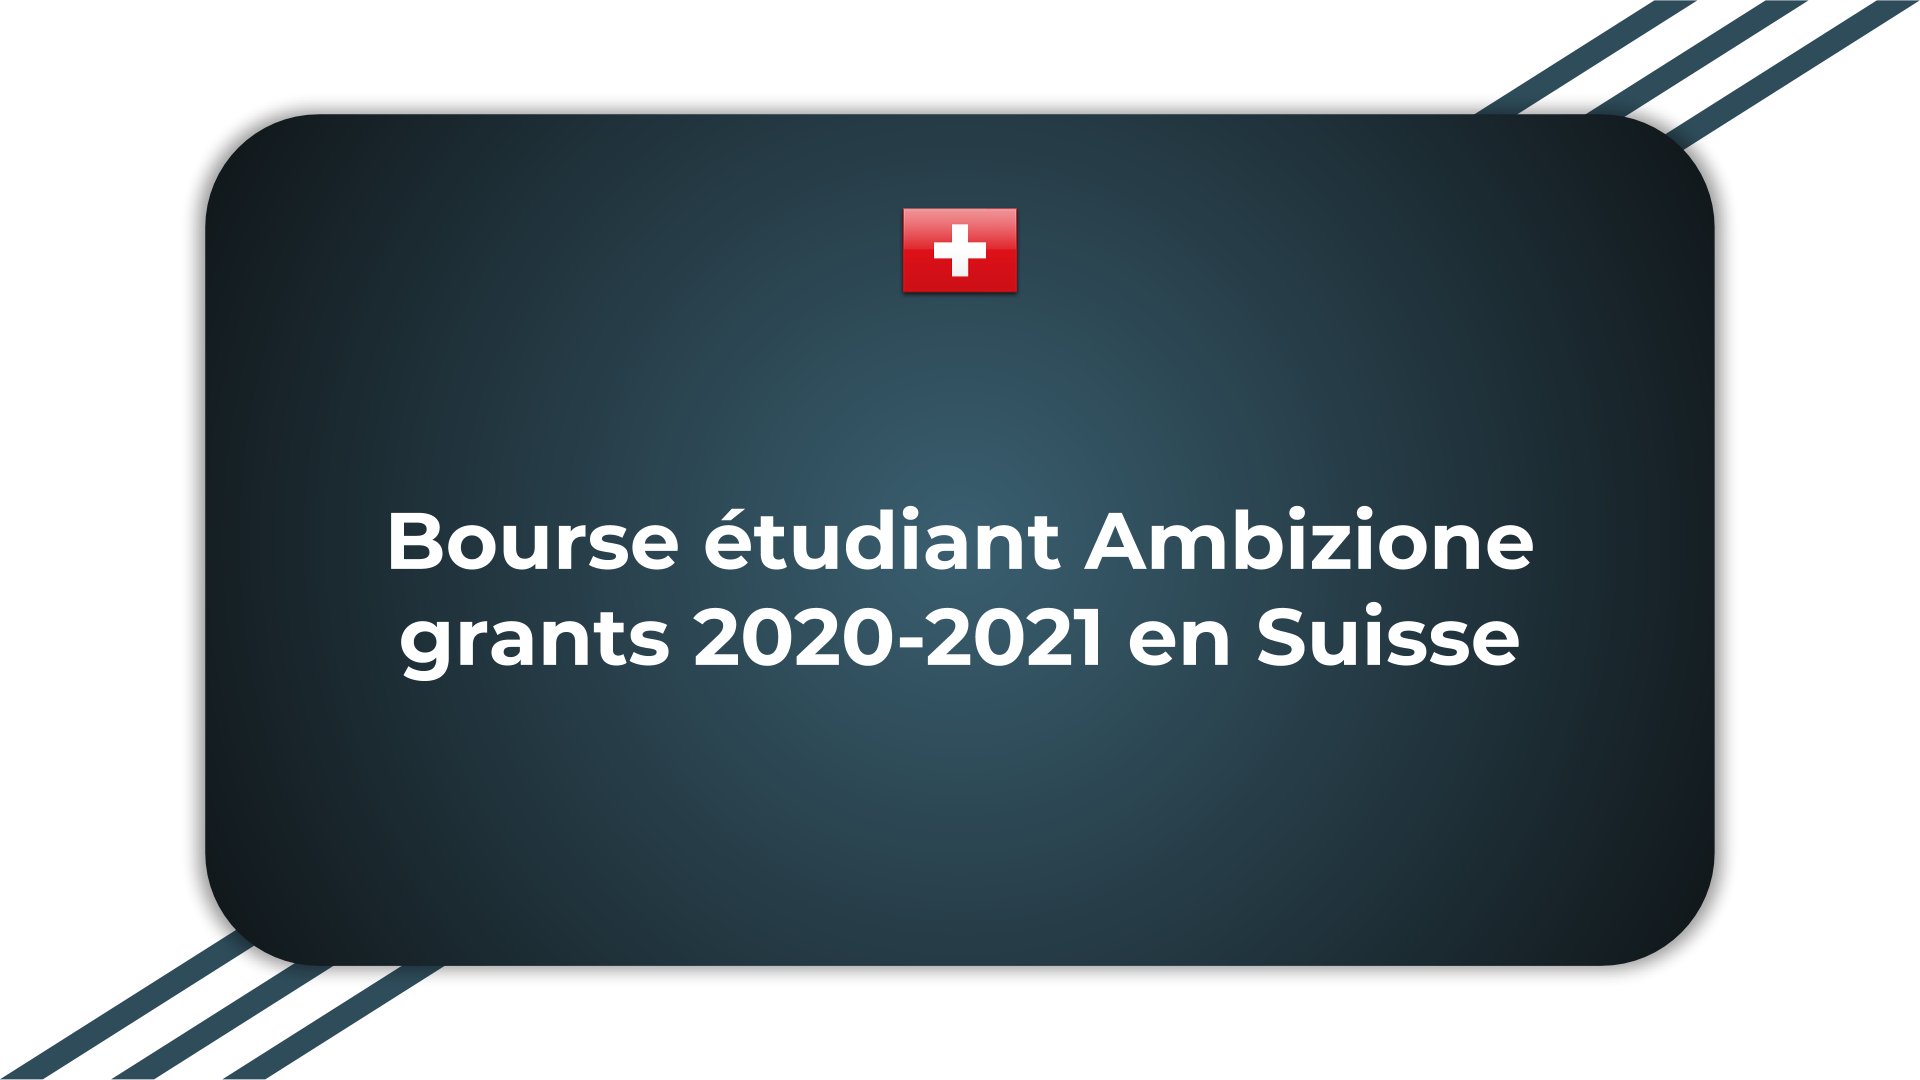 Bourse étudiant Ambizione grants